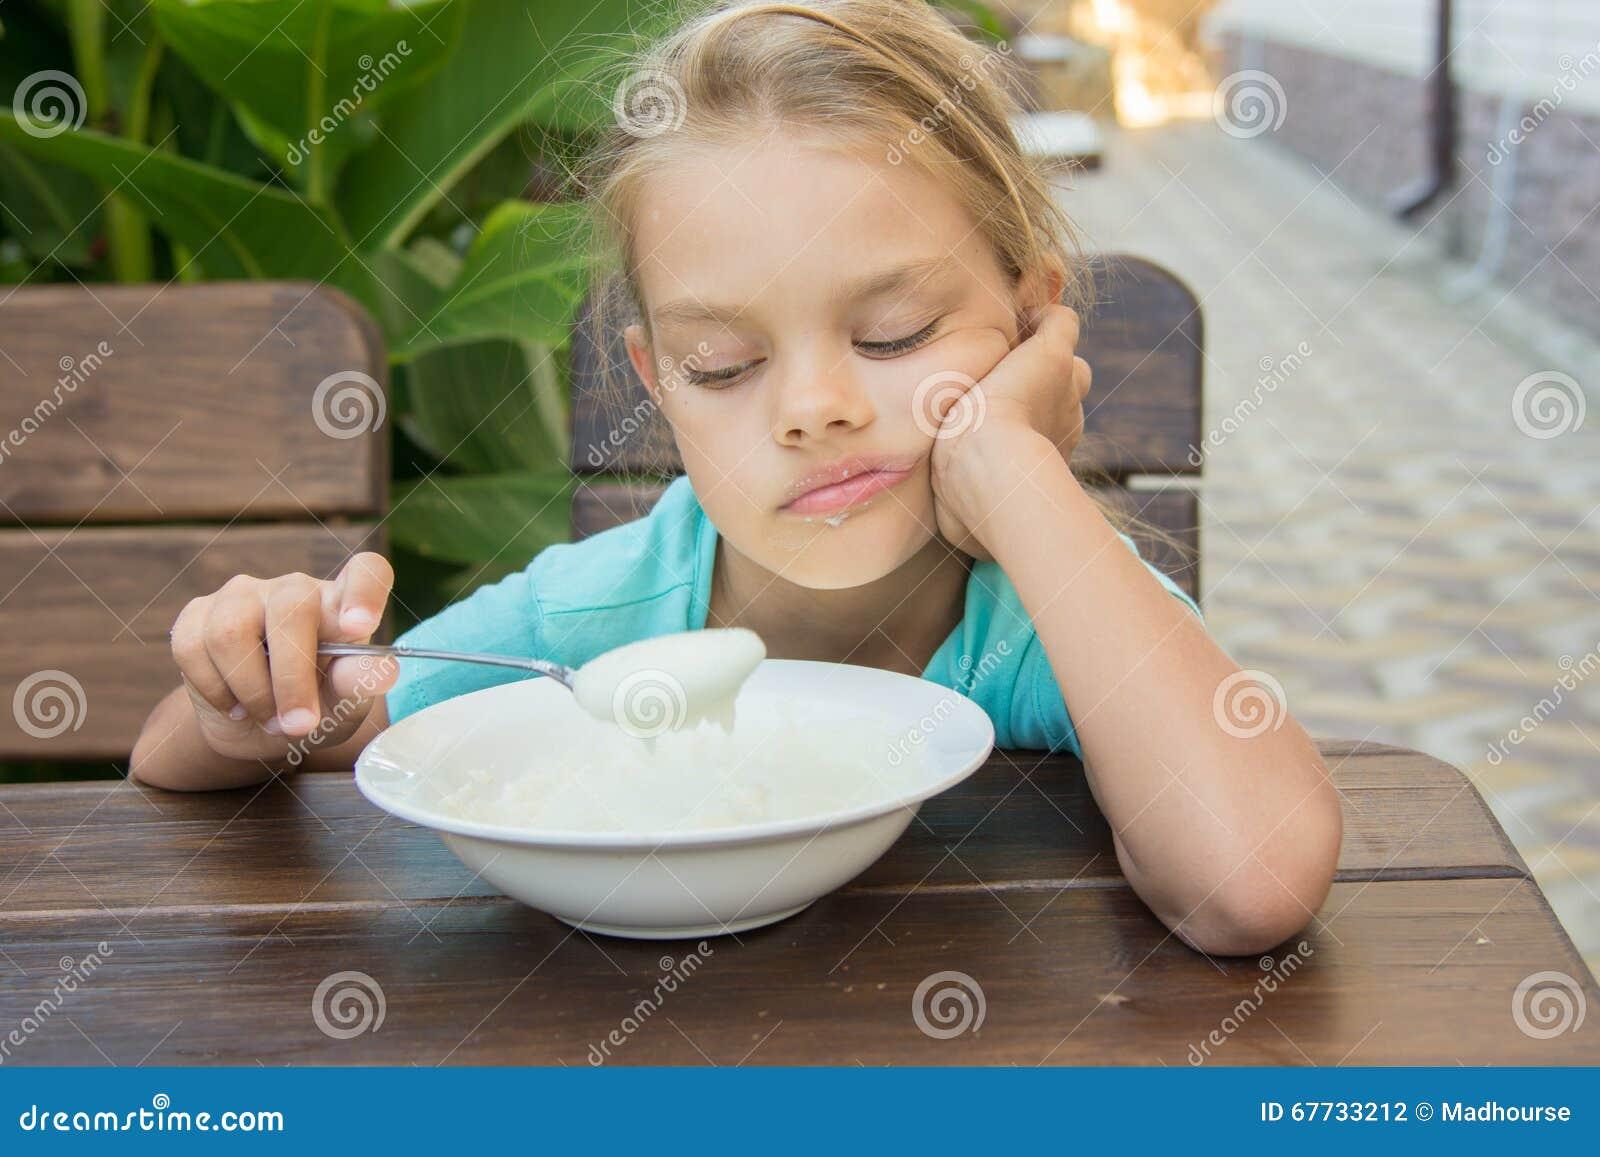 Spęczenia sześć roczniaka dziewczyna patrzeje z przykrością przy manną w łyżce przy śniadaniem